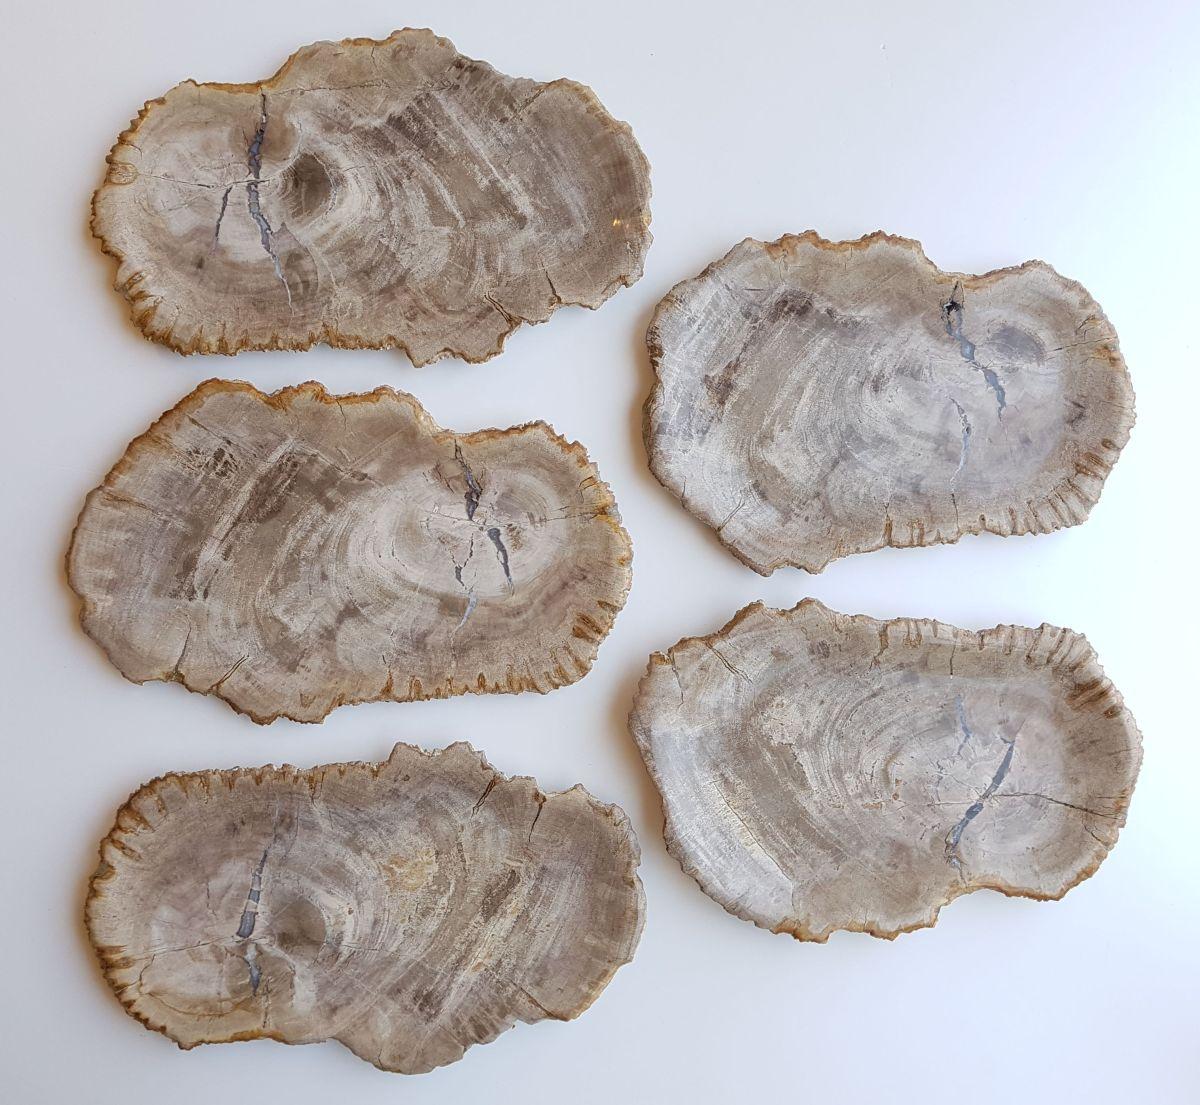 Bord versteend hout 33023b